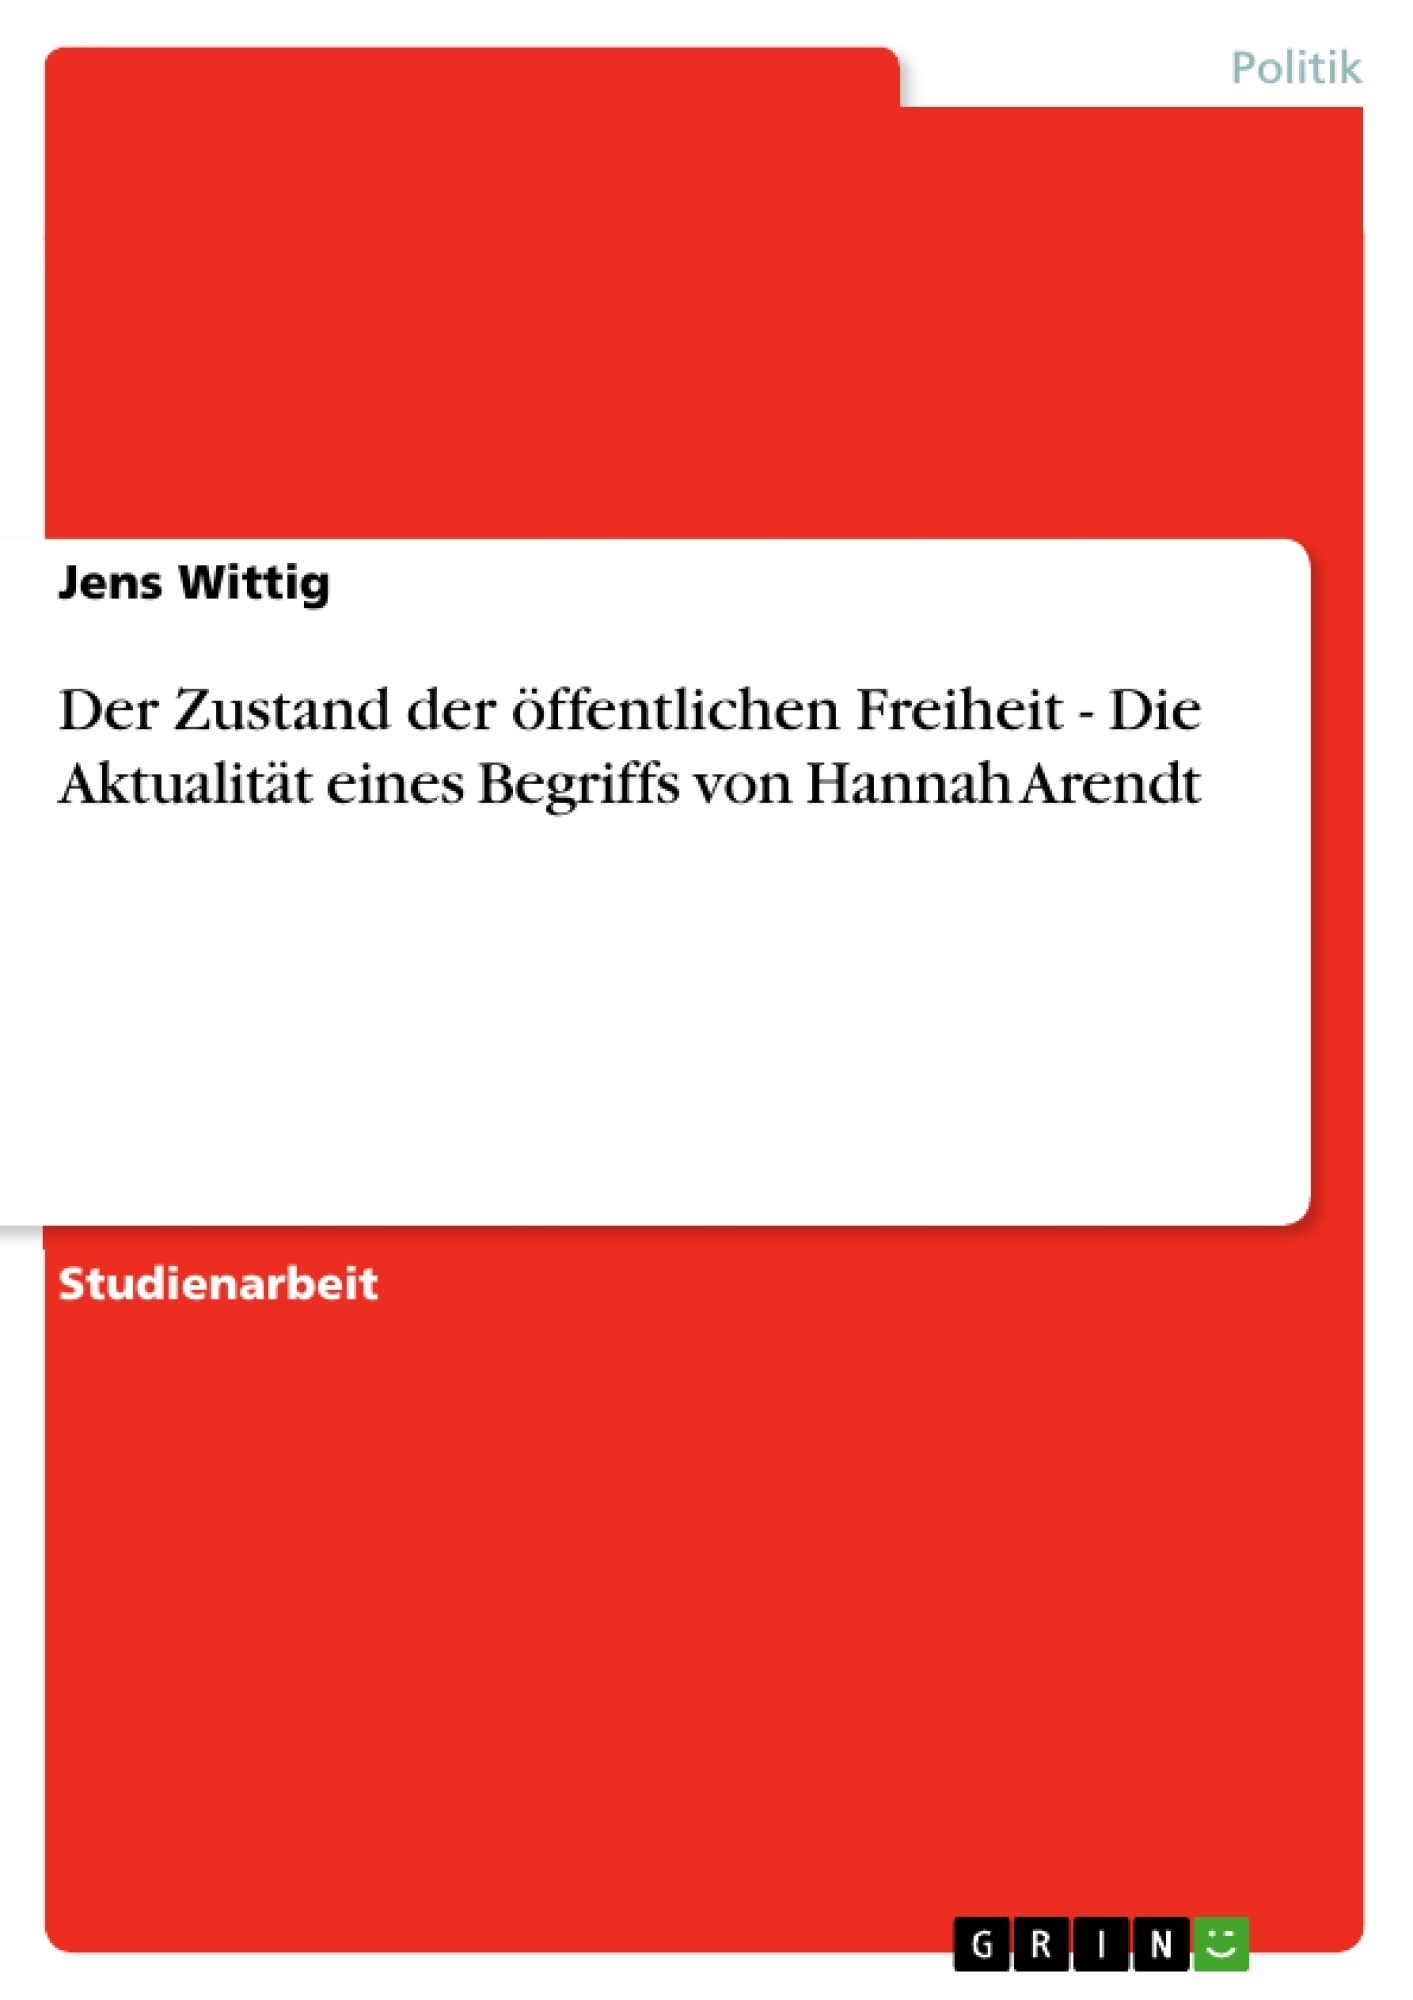 Titel: Der Zustand der öffentlichen Freiheit  -  Die Aktualität eines Begriffs von Hannah Arendt